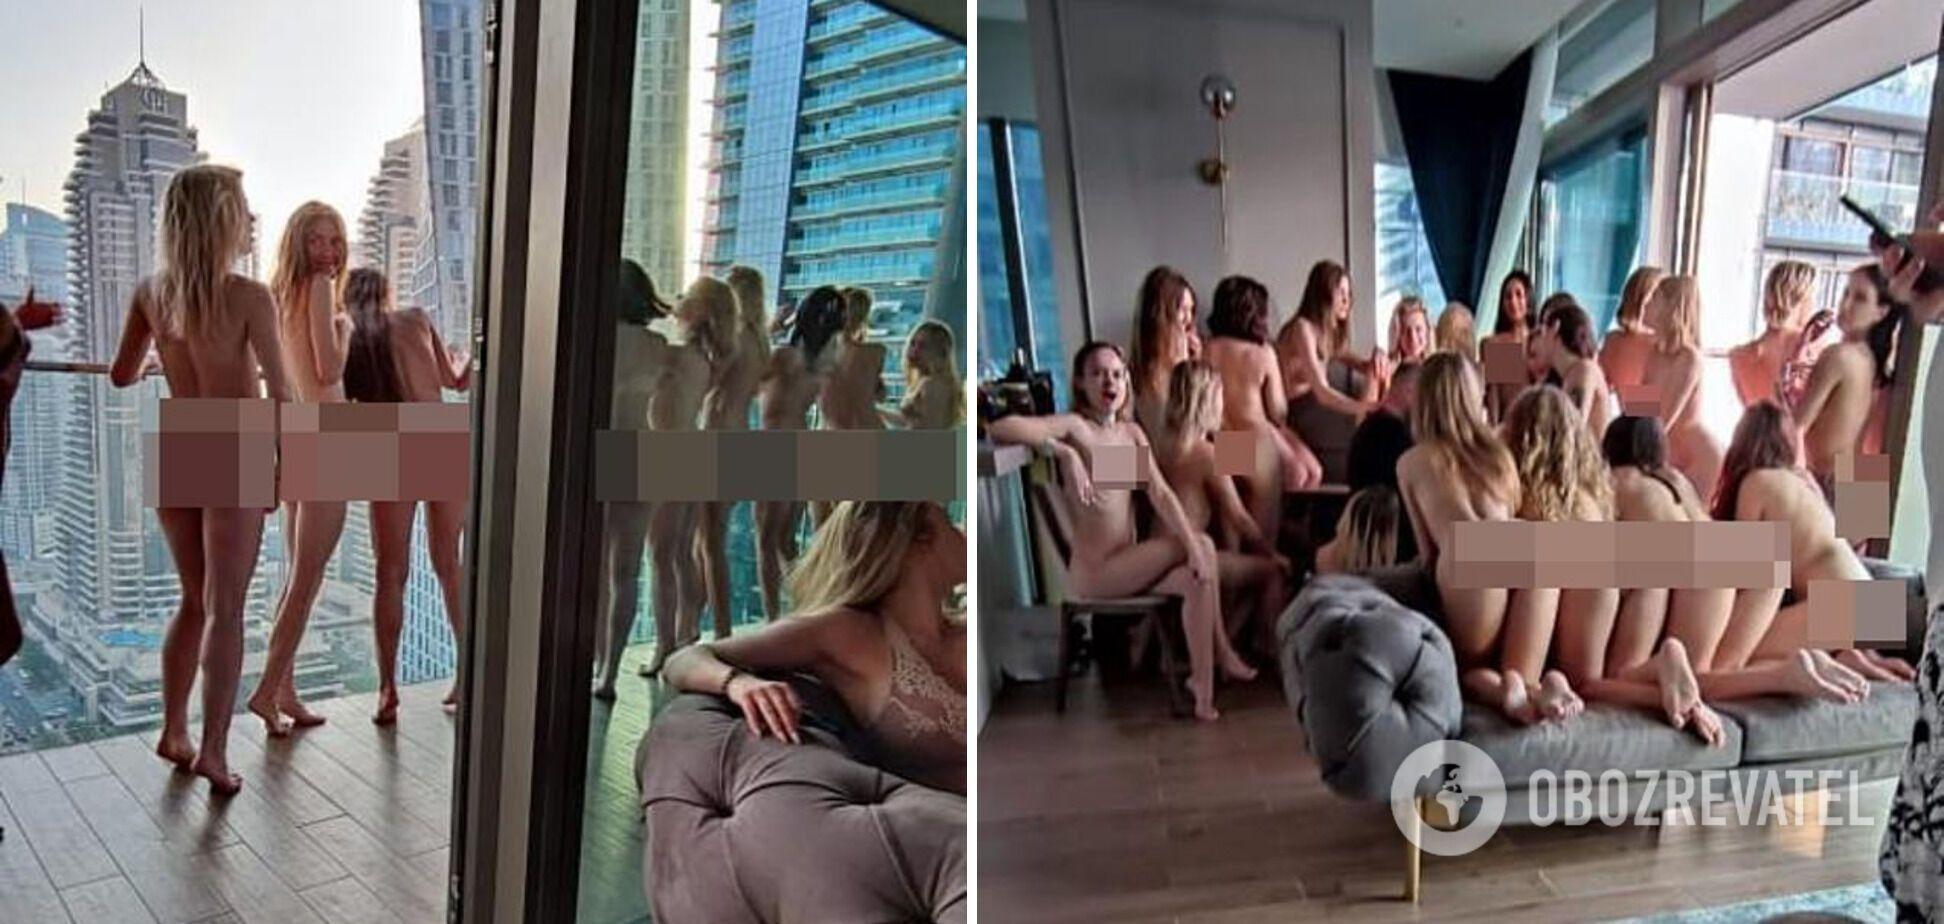 У Дубаї за звинуваченням у розпусних діях і поширенні порнографії затримано не тільки 40 дівчат, а й IT-підприємця Олексія Концова